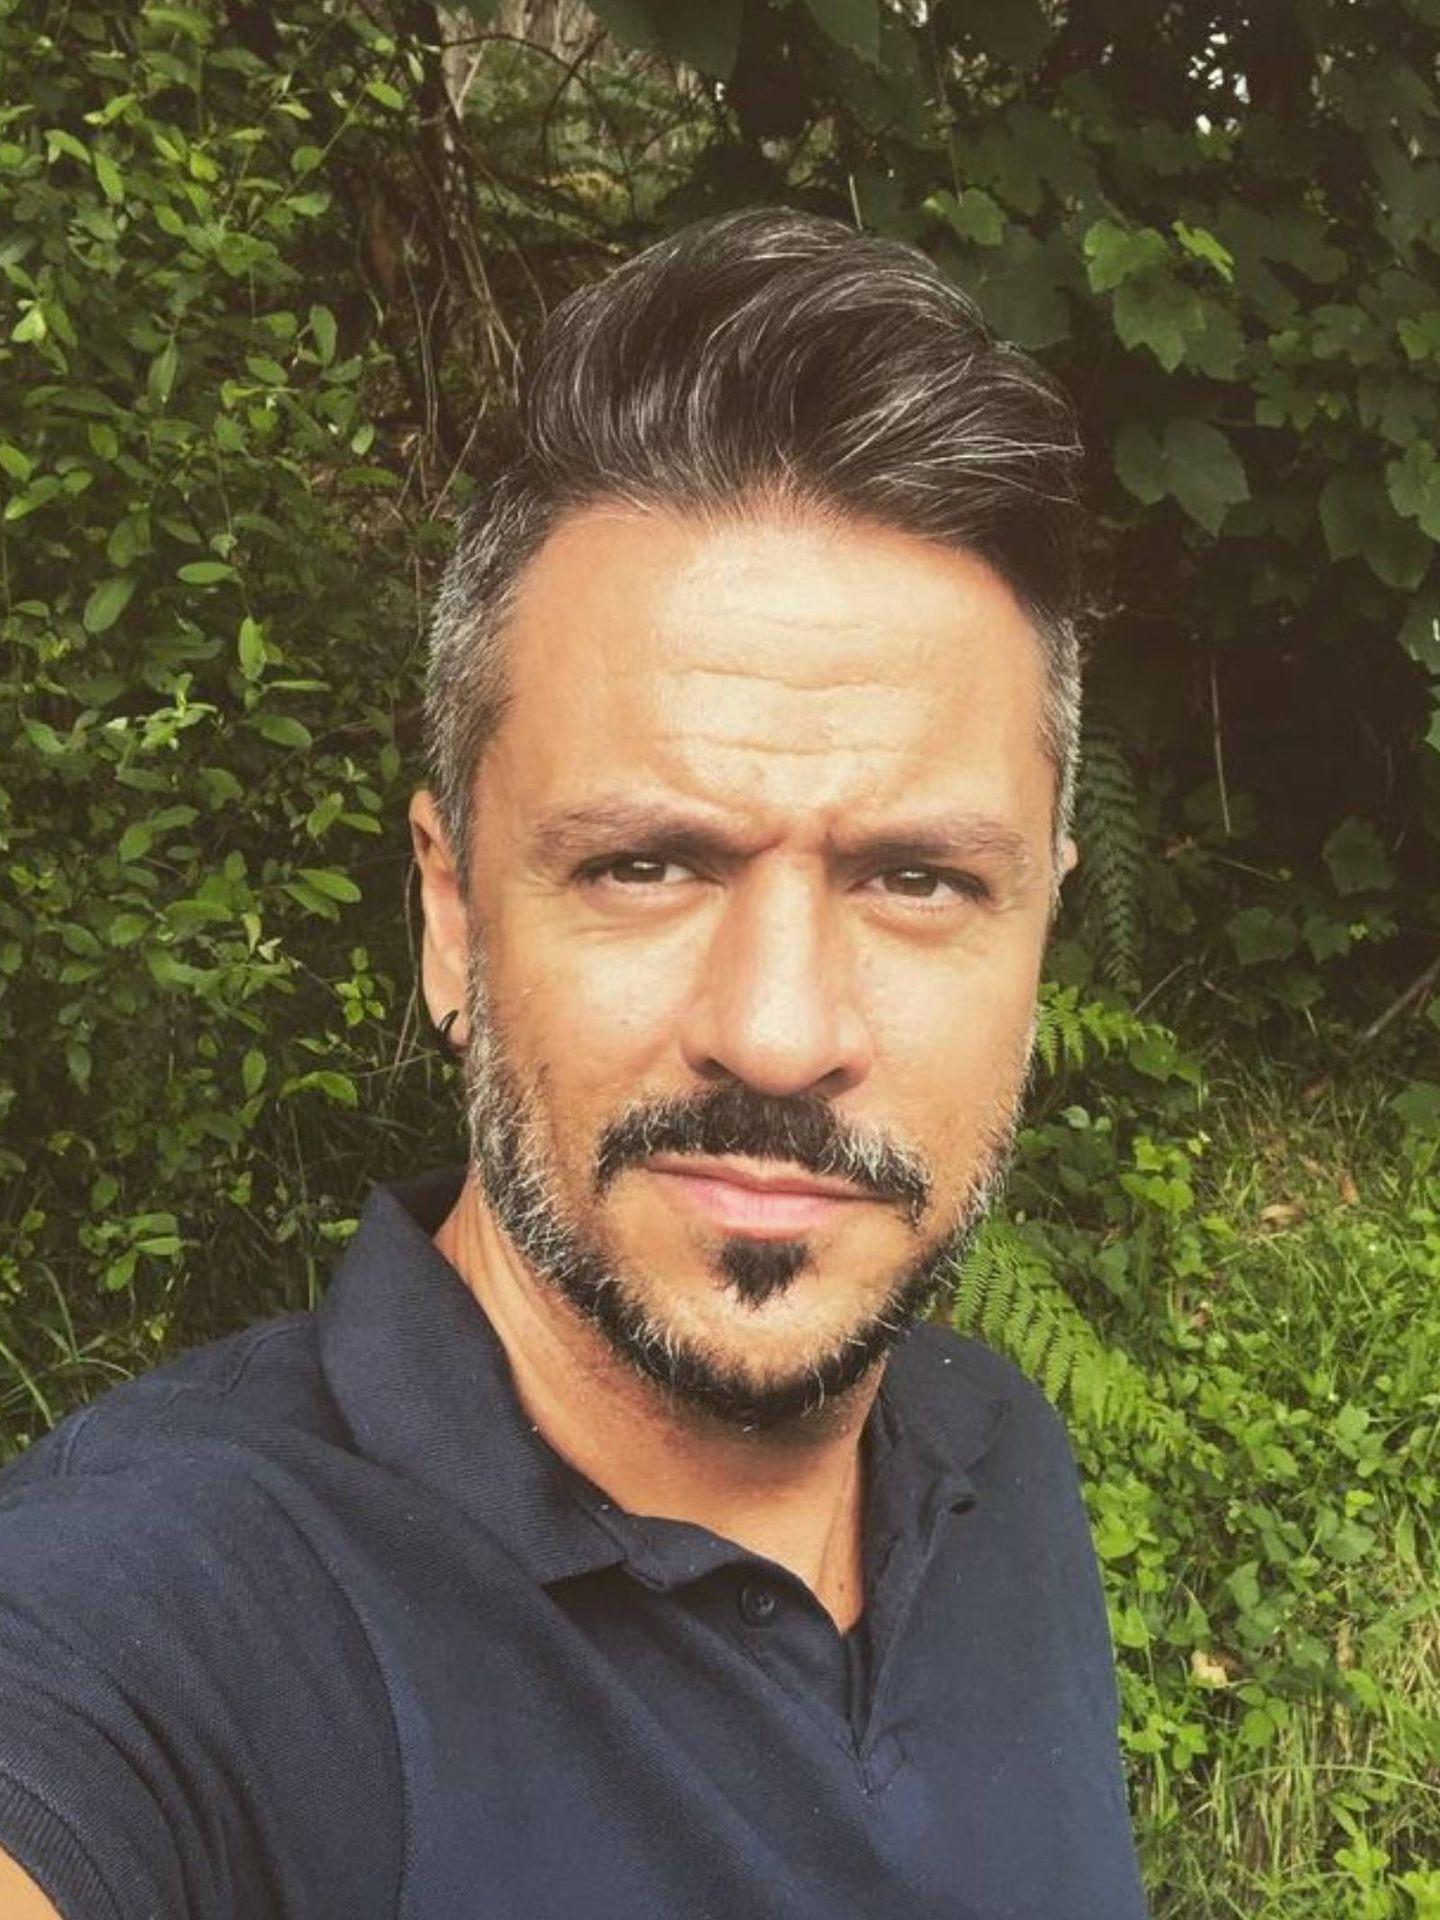 Miguel Sueiras, el saxofonista que ha devuelto la ilusión a Leire. (Instagram @miguel.sueiras)